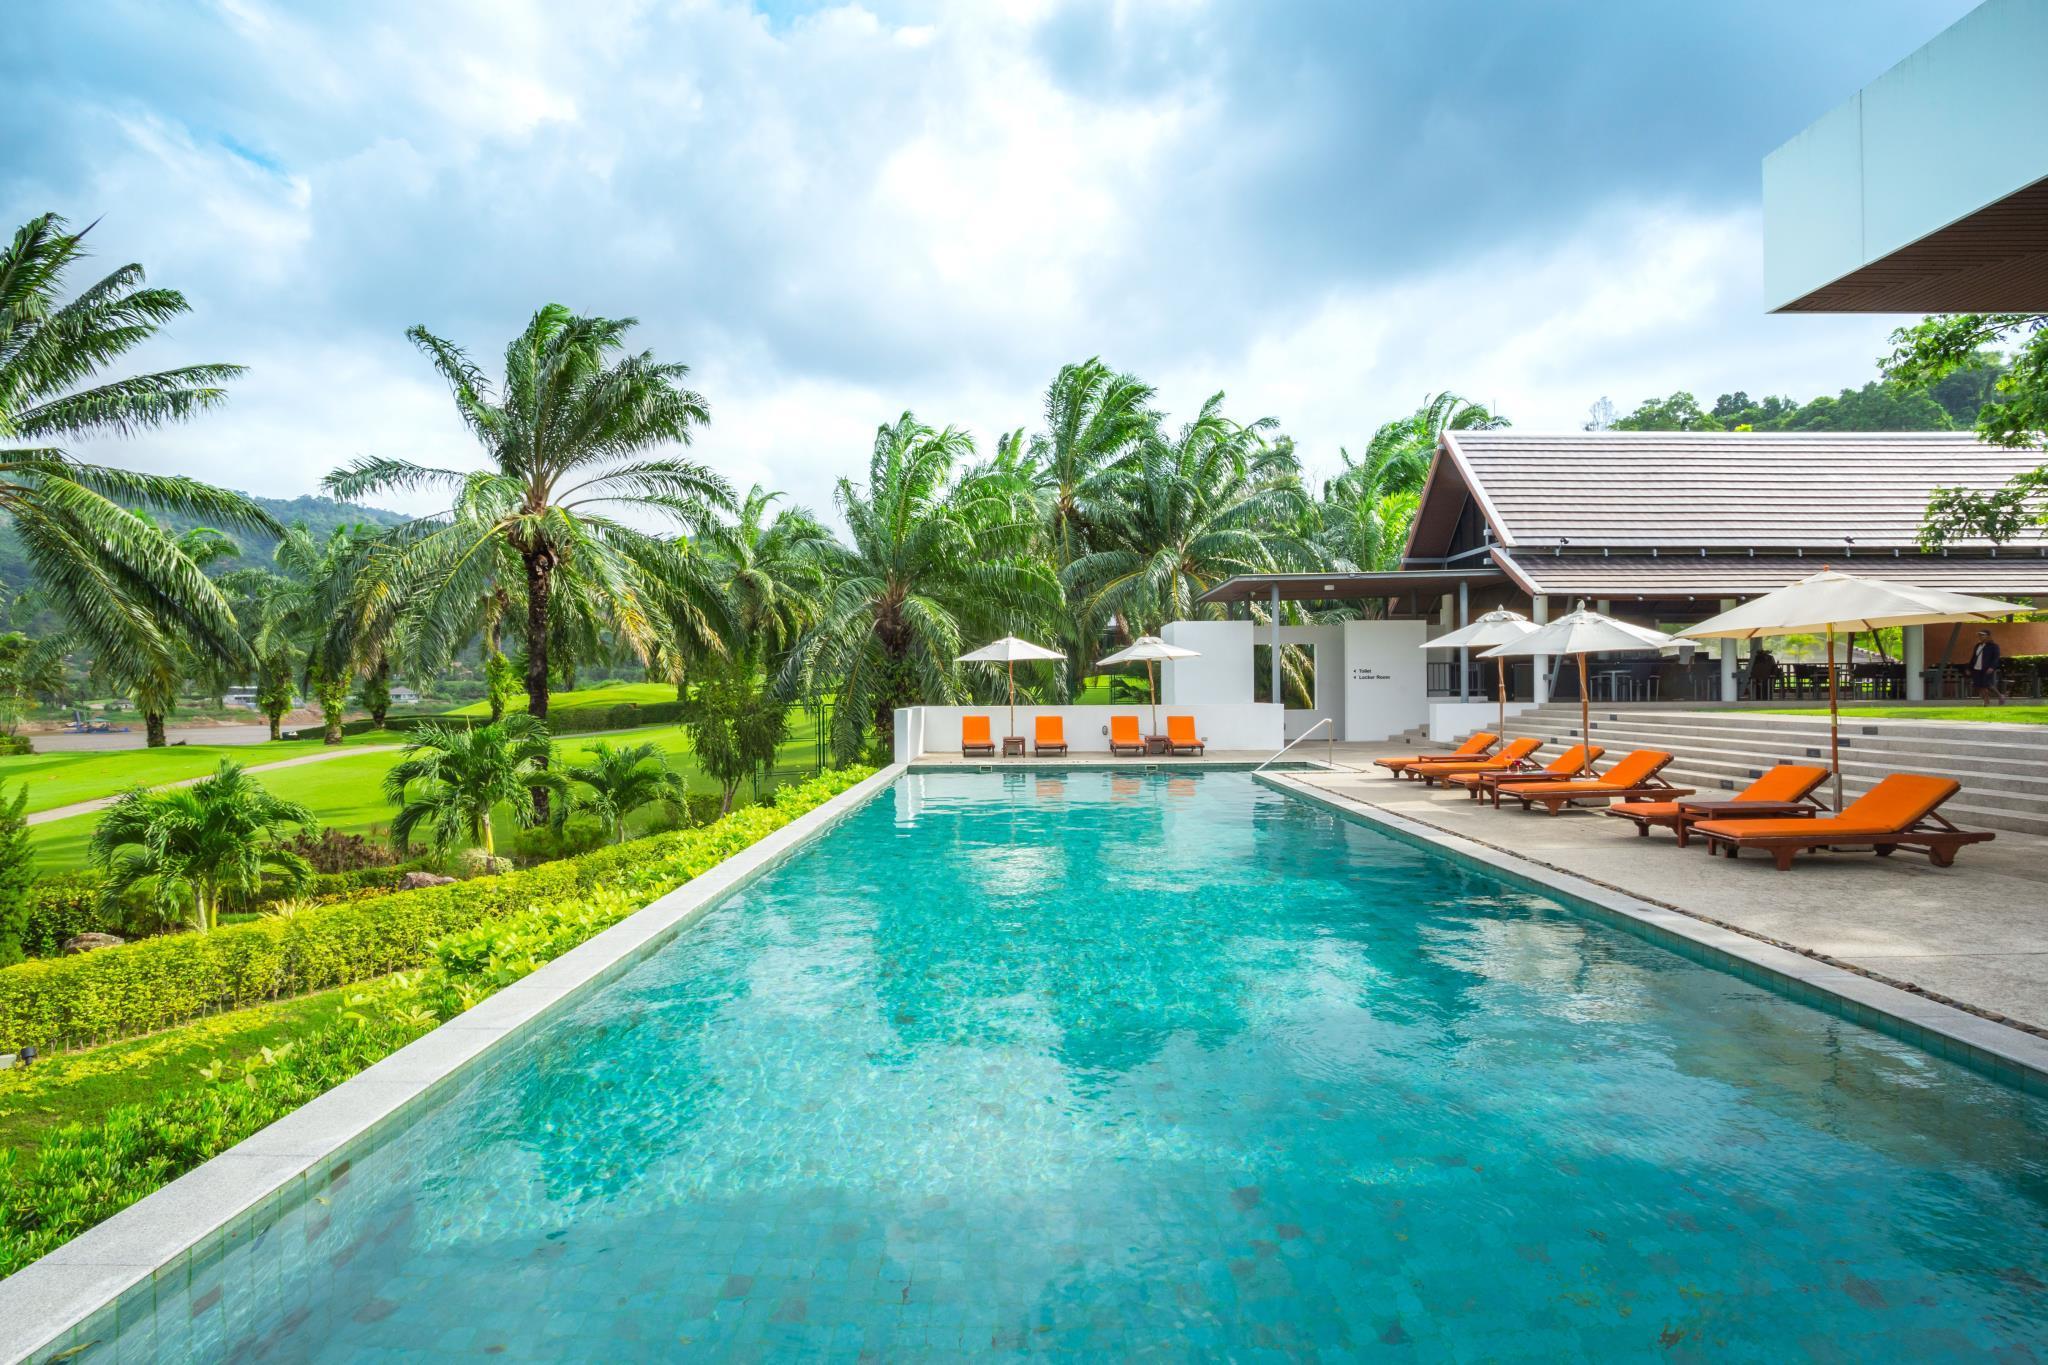 Tinidee Golf Resort @ Phuket